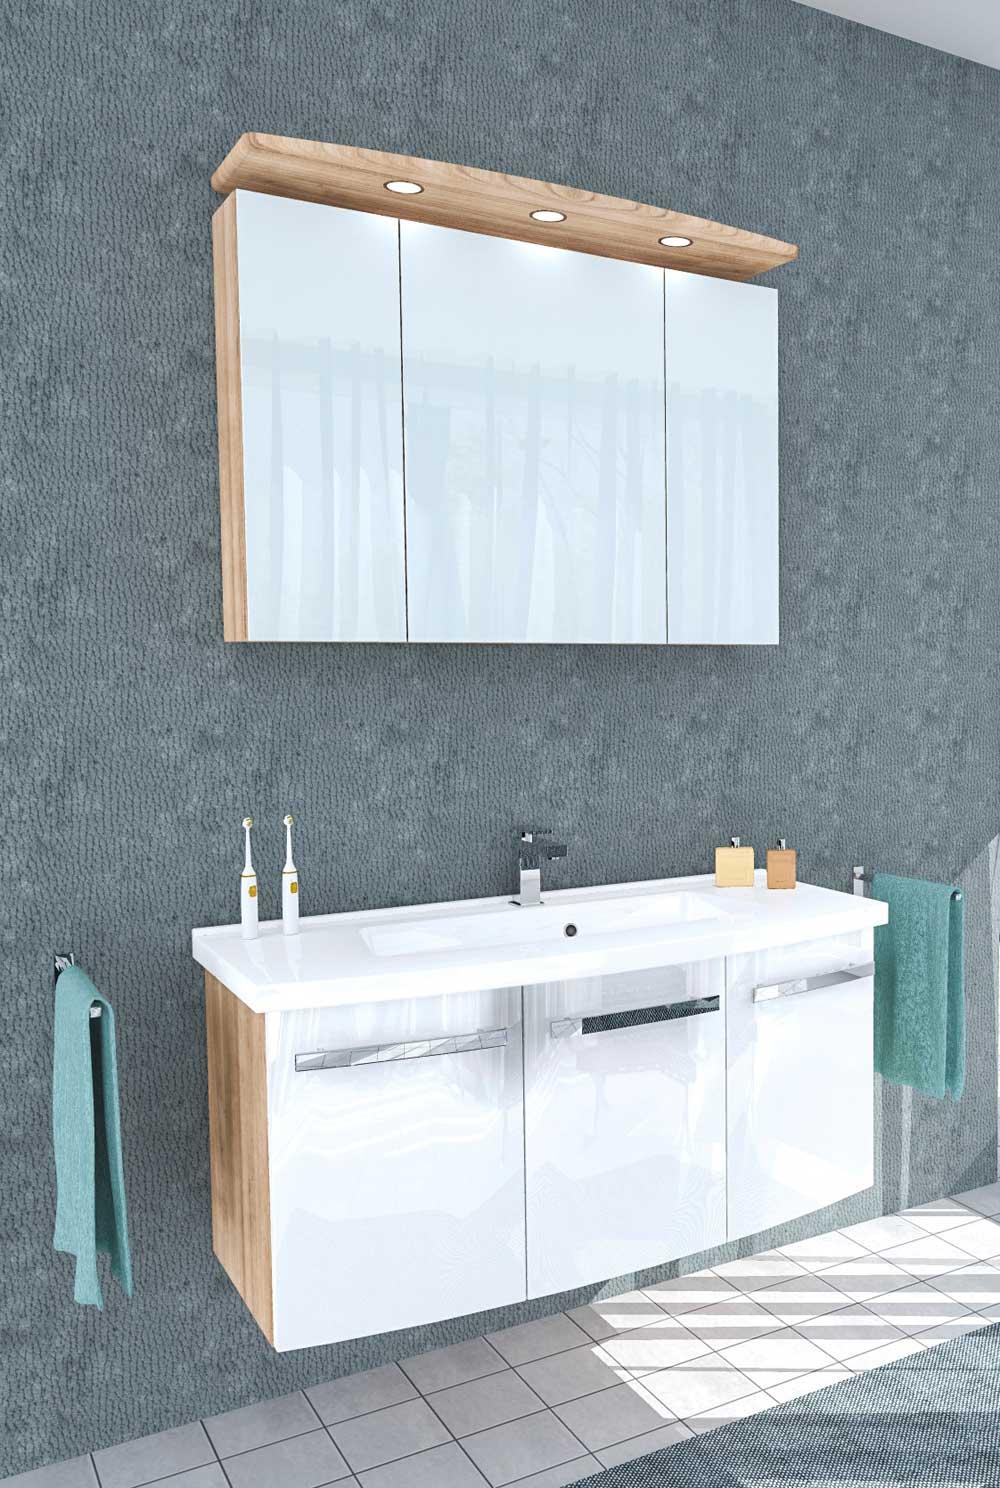 Waschplatz lisa noce mit 3d spiegelschrank for 3d spiegelschrank